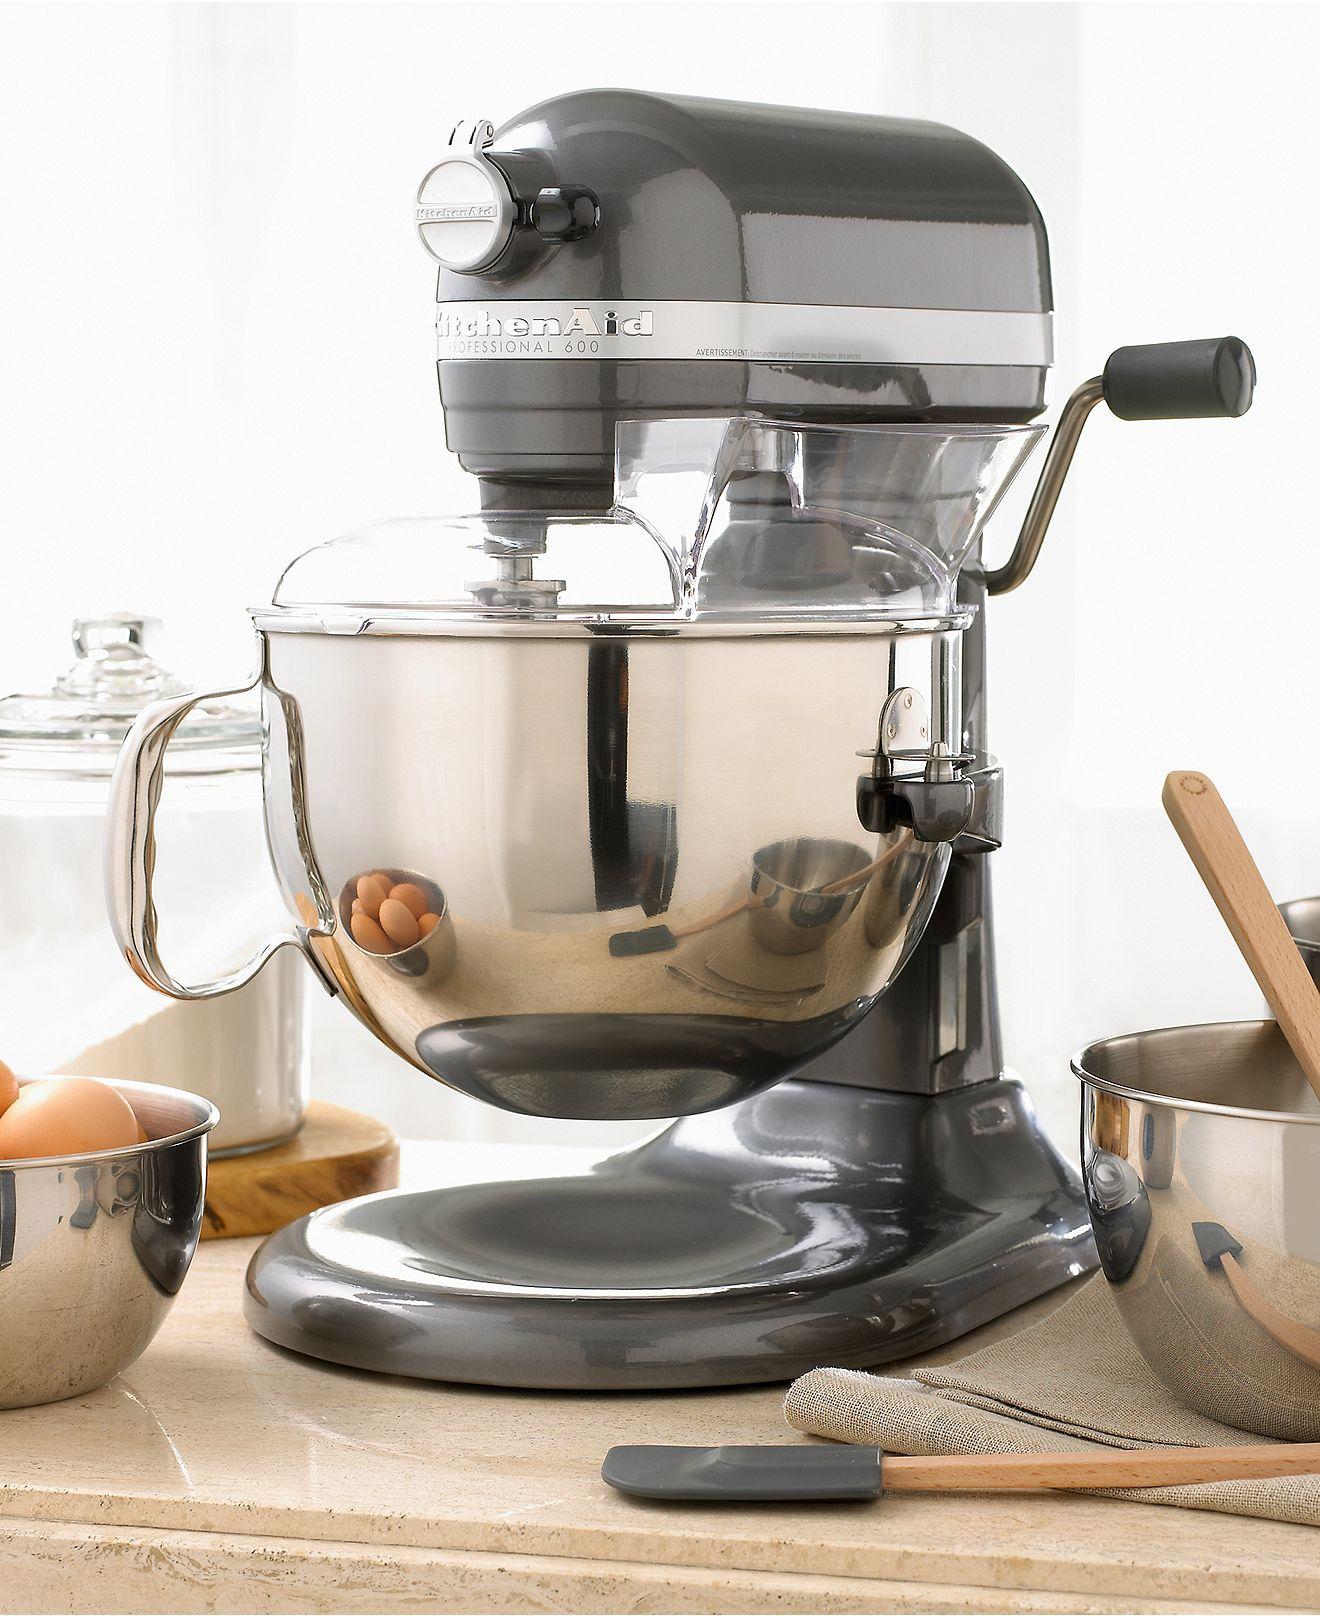 KitchenAid KP26M1X Stand Mixer, 6 Qt. Professional 600 - KitchenAid on 6 qt crockpot, 6 qt kettle, kitchenaid pro 500 mixer, 6 qt ice cream maker, kitchenaid professional mixer,